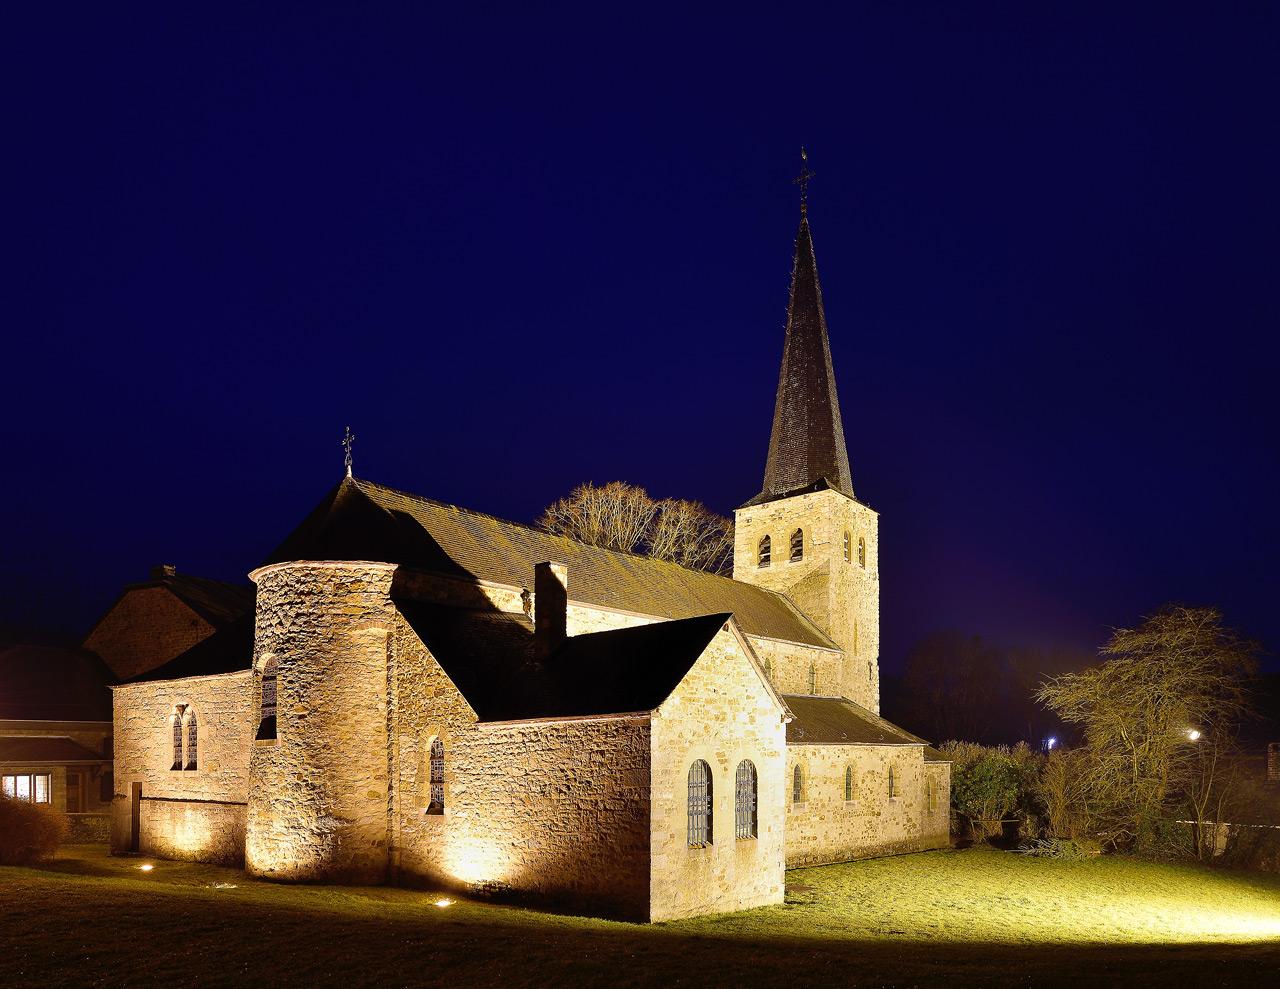 Sortie photo vieux village Wéris-Ny et Durbuy le samedi 14 mars : Les photos D4S_5753